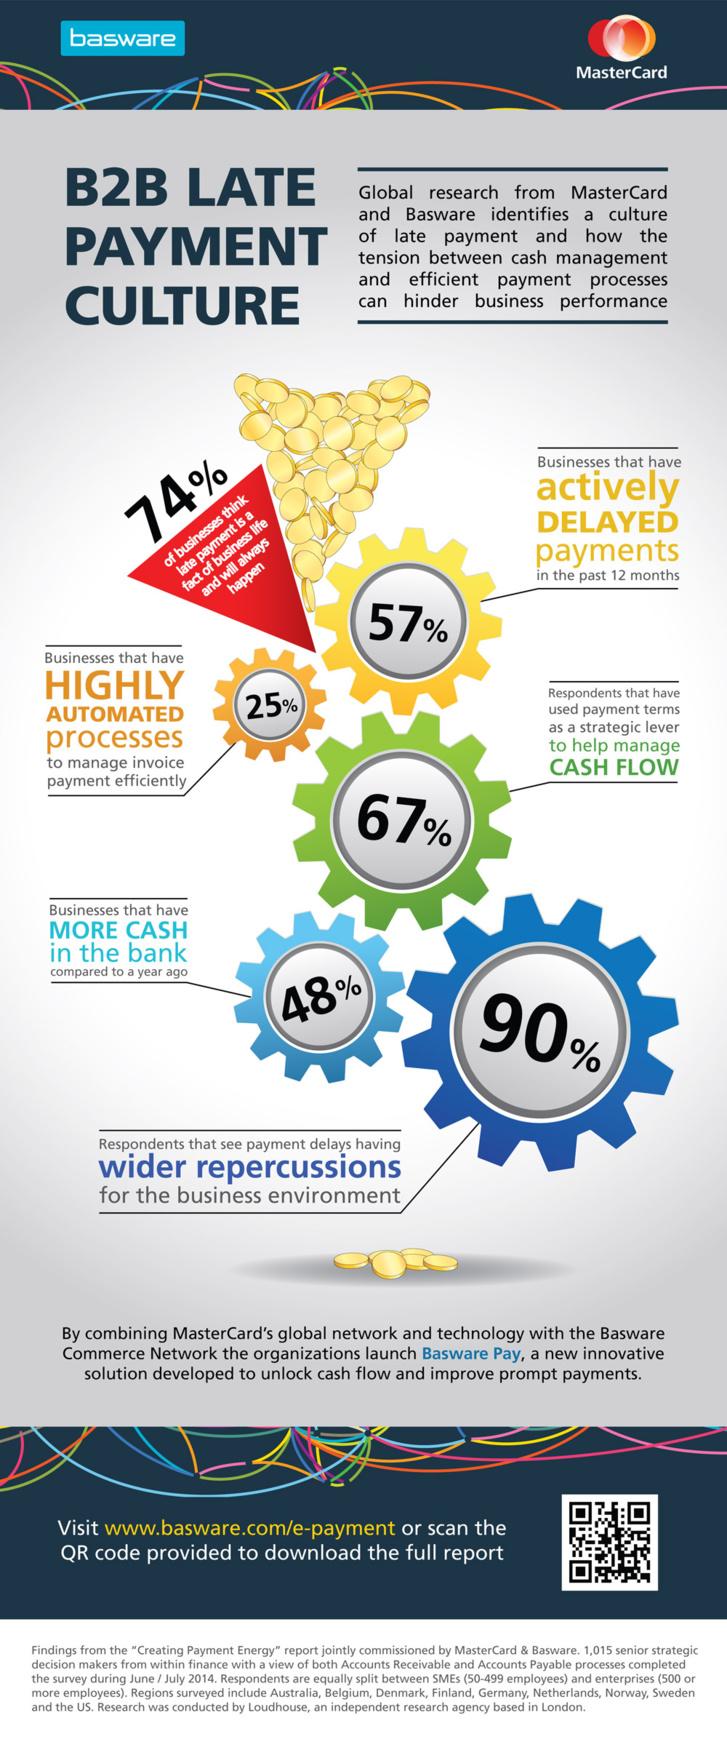 La culture du paiement tardif entrave la croissance du commerce mondial (infographie)